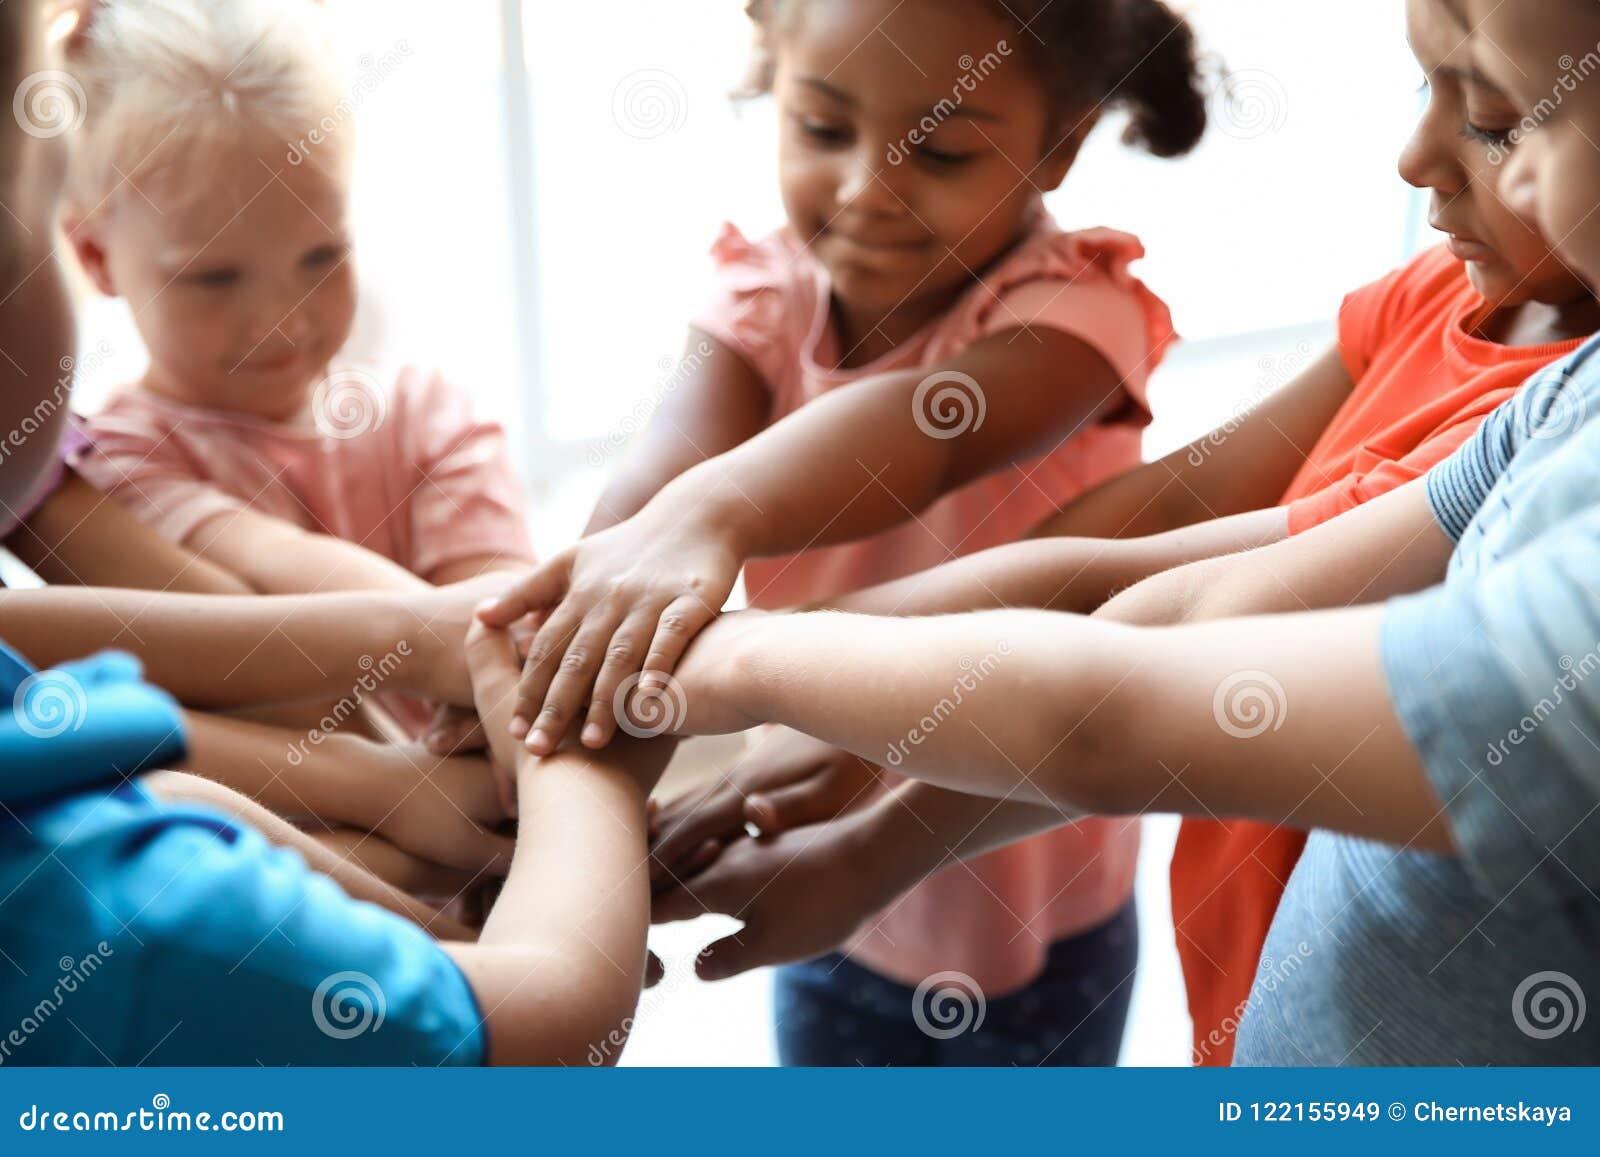 Μικρά παιδιά που βάζουν τα χέρια τους μαζί, κινηματογράφηση σε πρώτο πλάνο